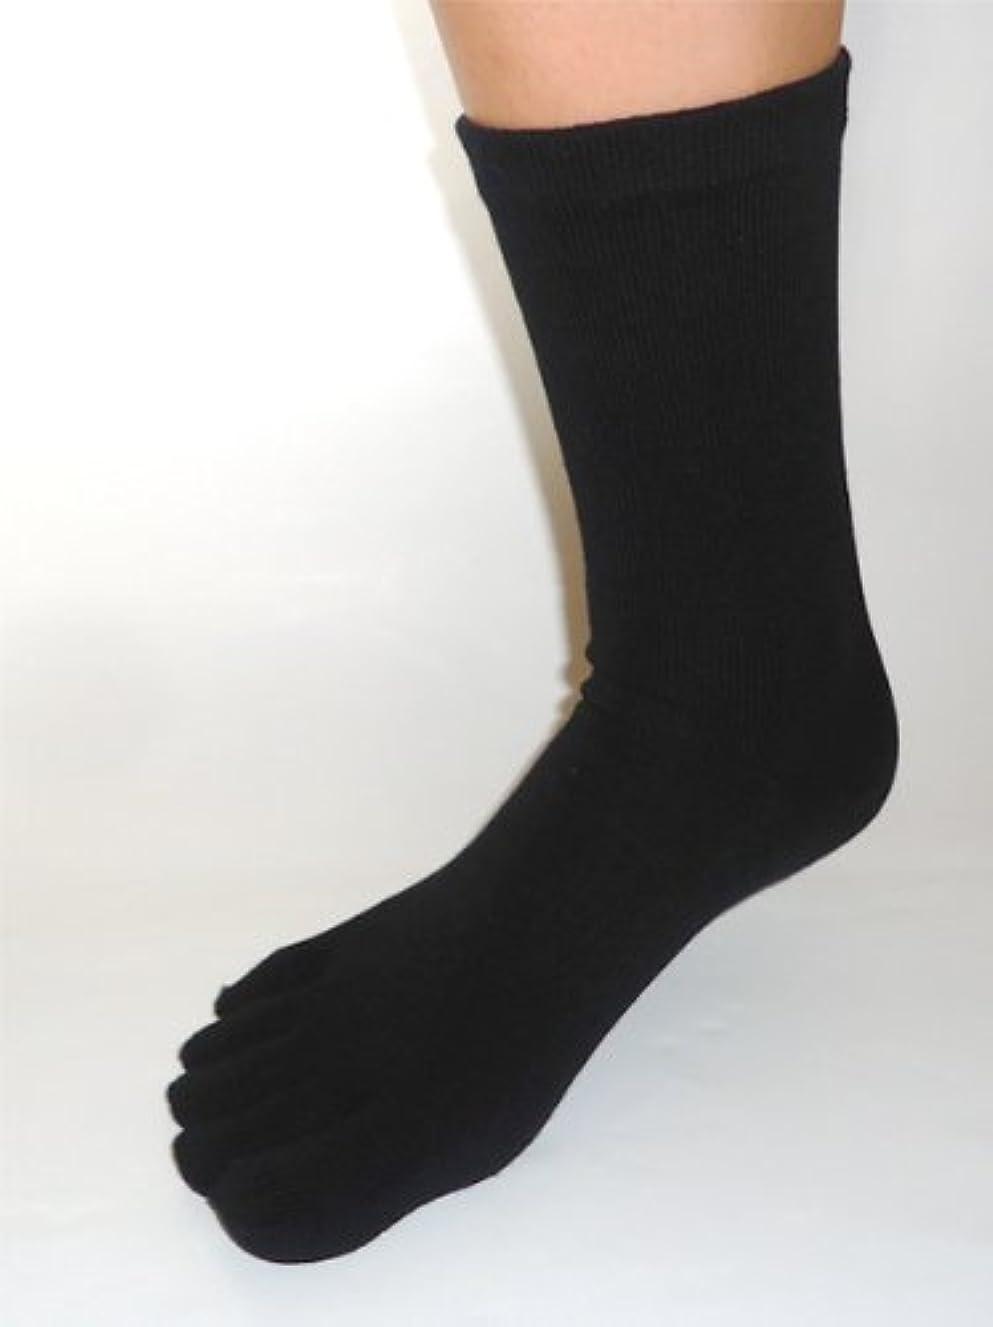 地平線マウスピース傾向があります日本製 紳士5本指靴下 こだわりシルク 24~26cm お買得3色3足組